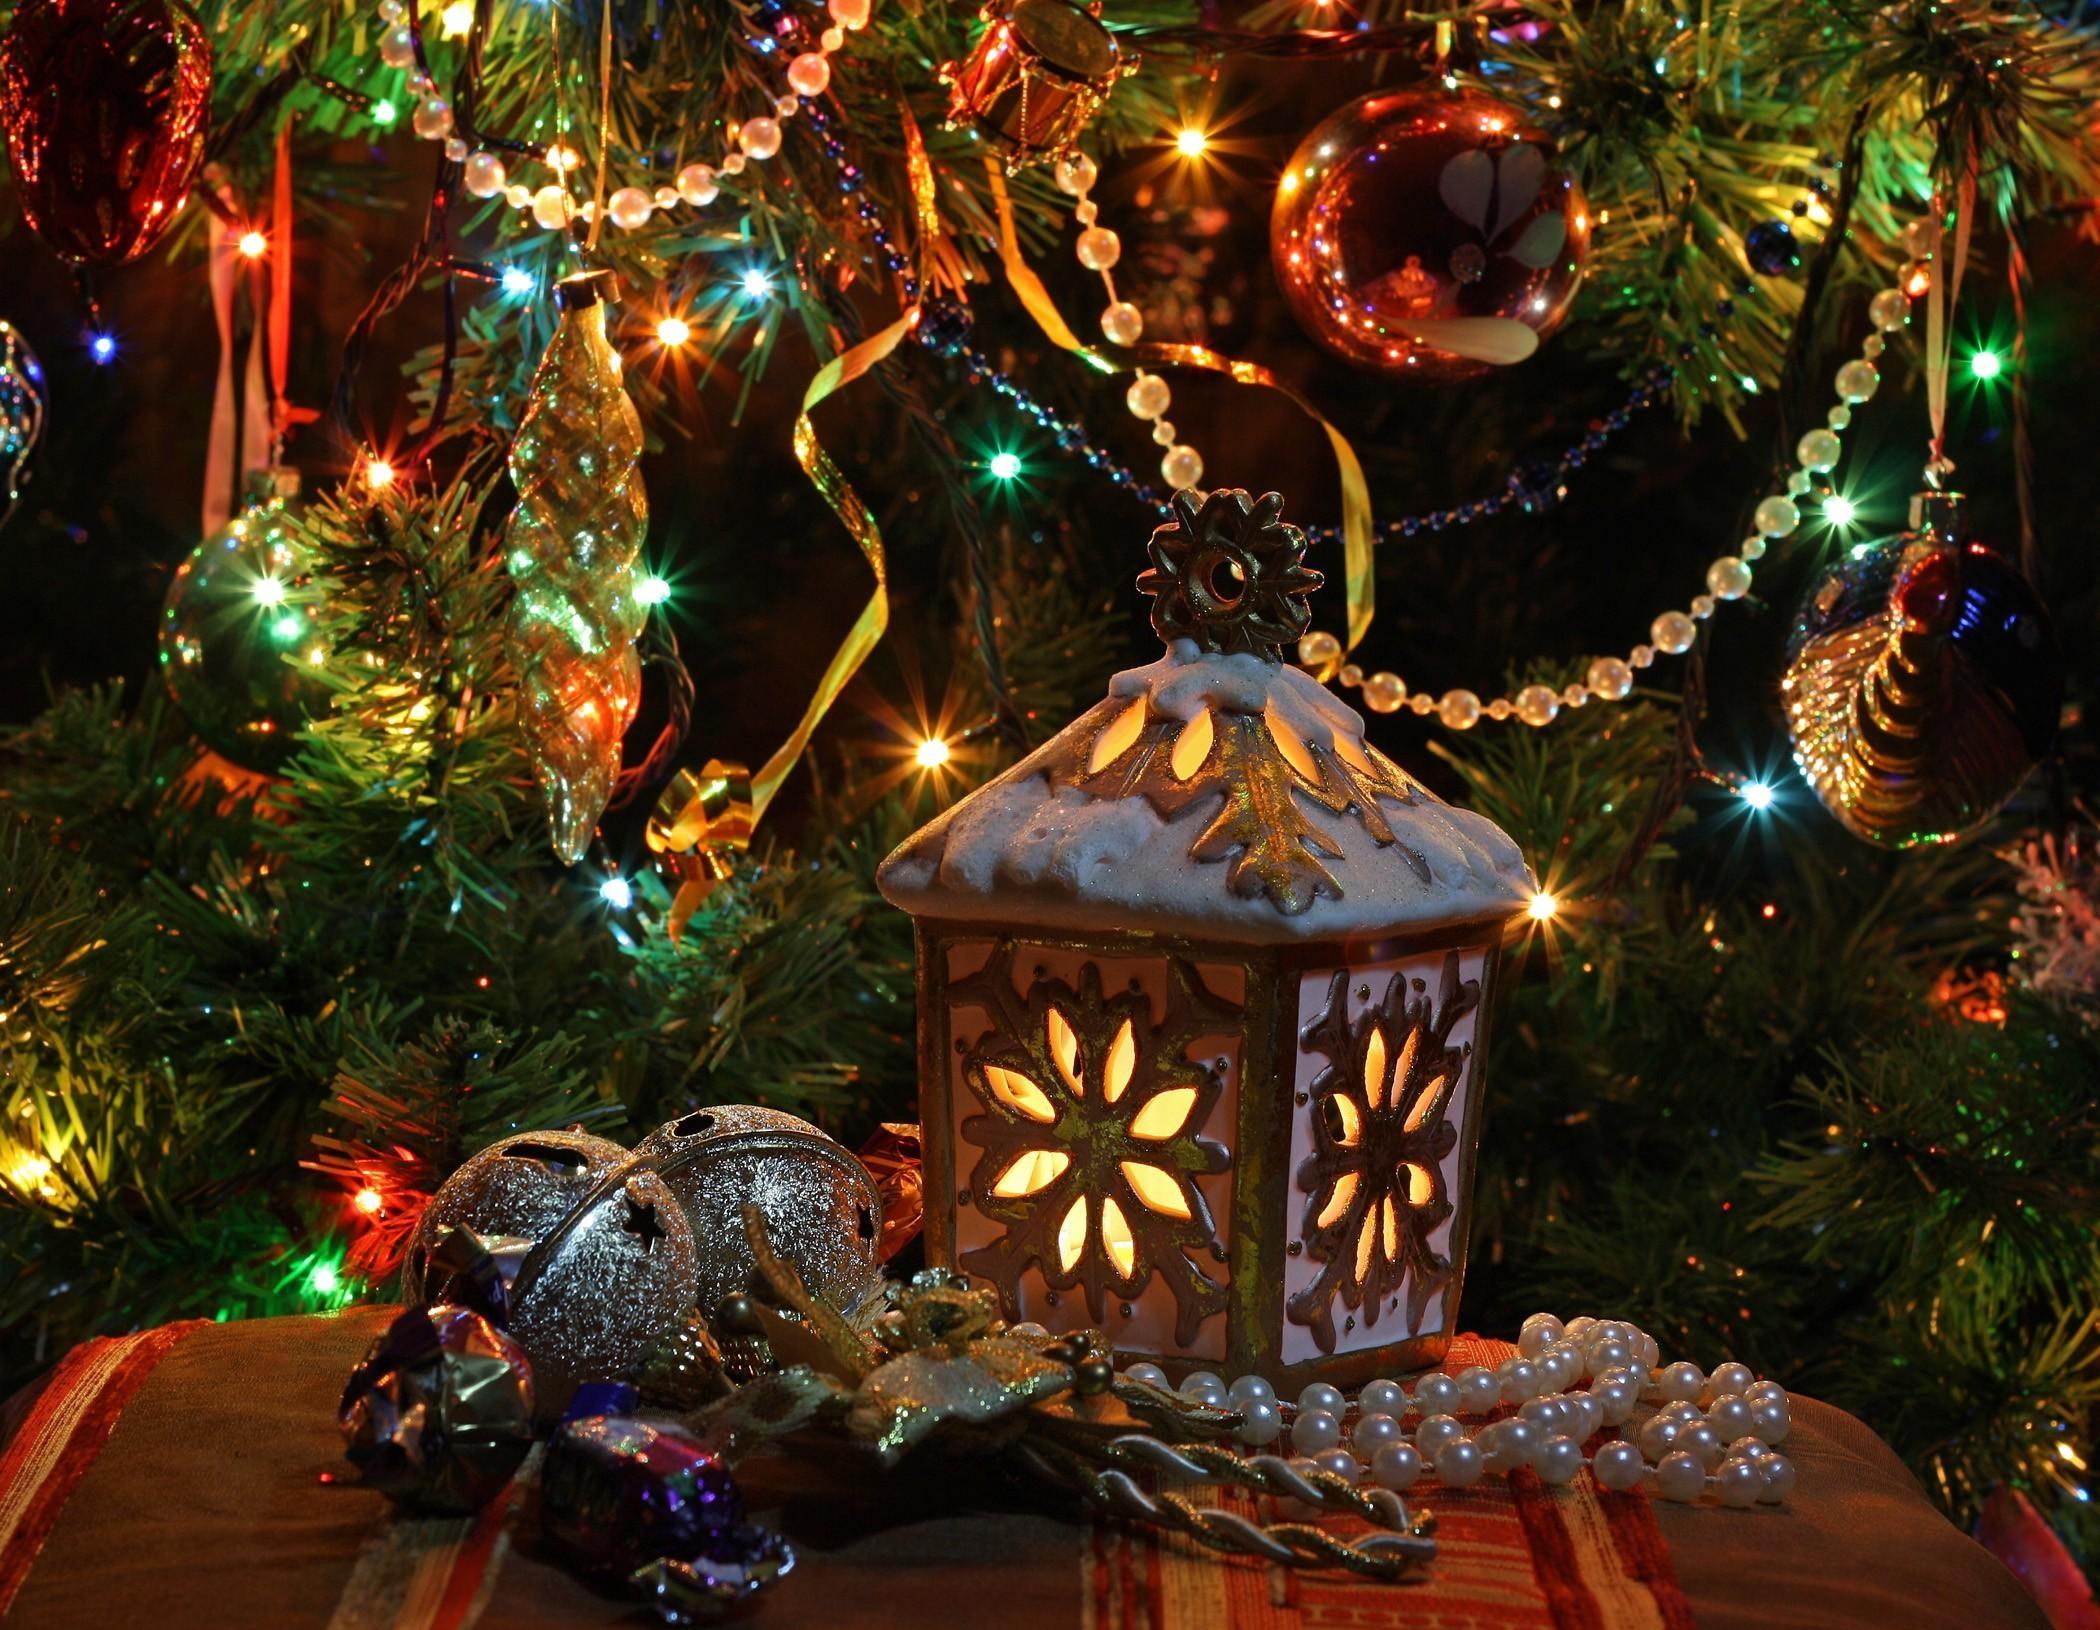 99229 Salvapantallas y fondos de pantalla Año Nuevo en tu teléfono. Descarga imágenes de Vacaciones, Año Nuevo, Navidad, Árbol De Navidad, Lámpara, Linterna, Juguetes, Guirnaldas, Guirnalda, Decoración gratis